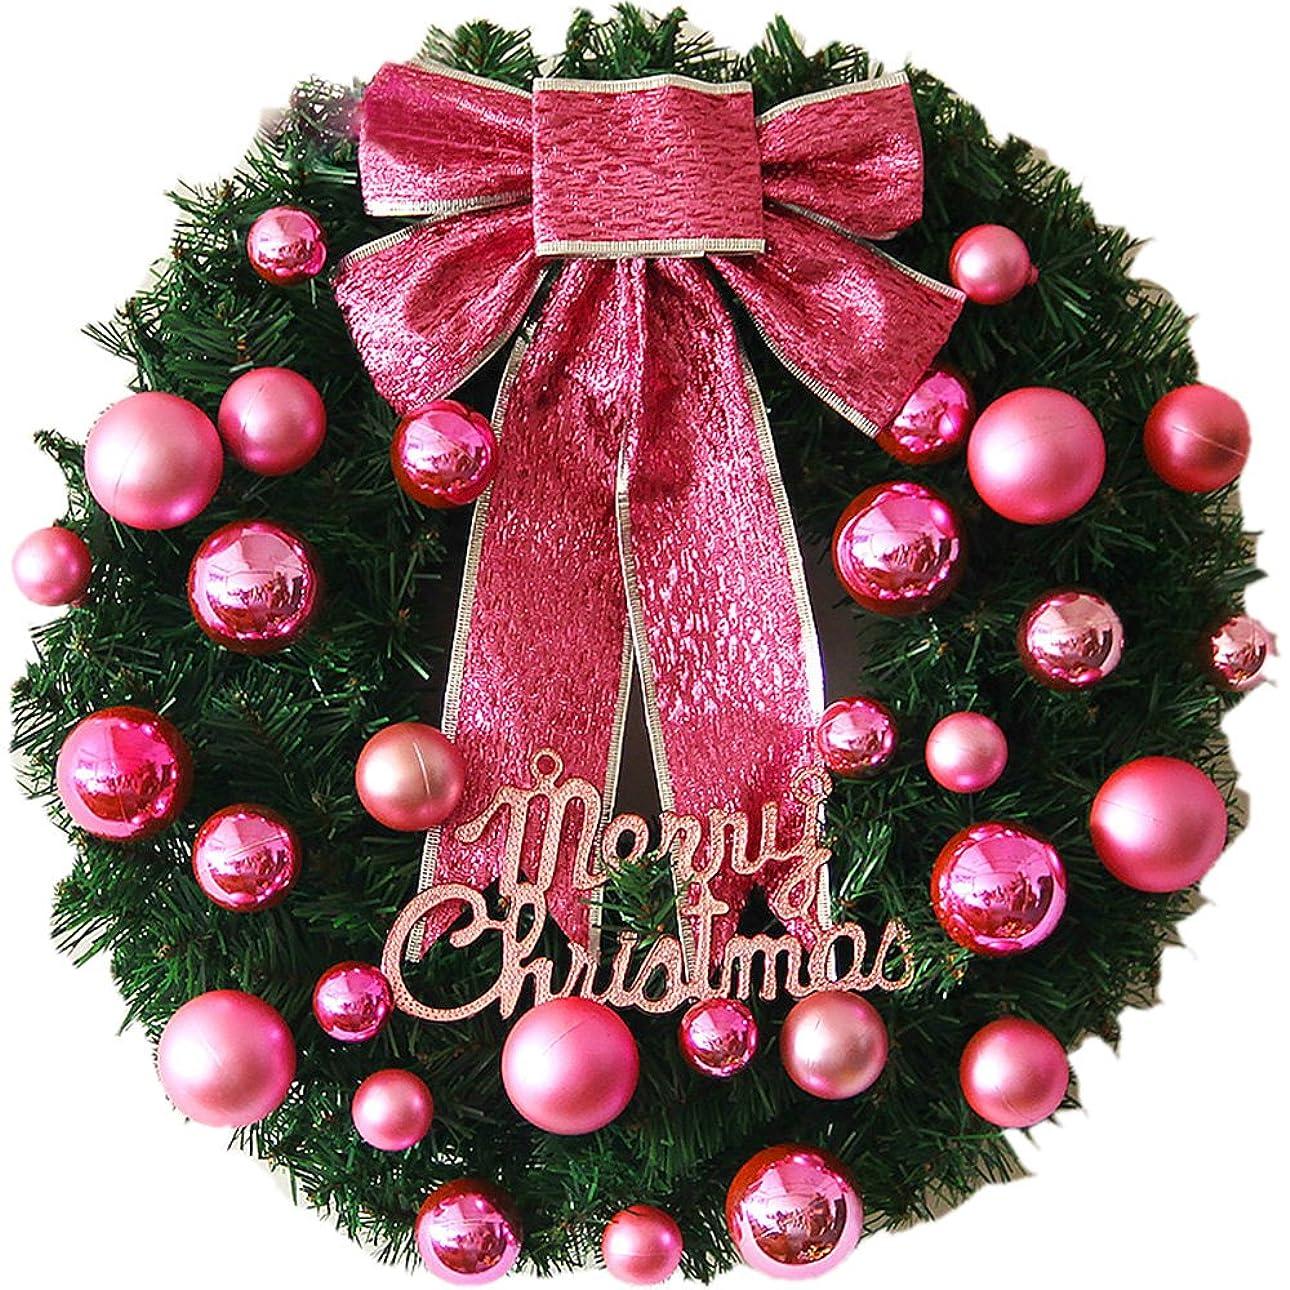 文言扱いやすいディスカウント飾り付け リース 玄関 飾り クリスマスオーナメント リボン ドア 窓 インテリアの飾 宴会 屋内 パーティー (50cm, ピンク)